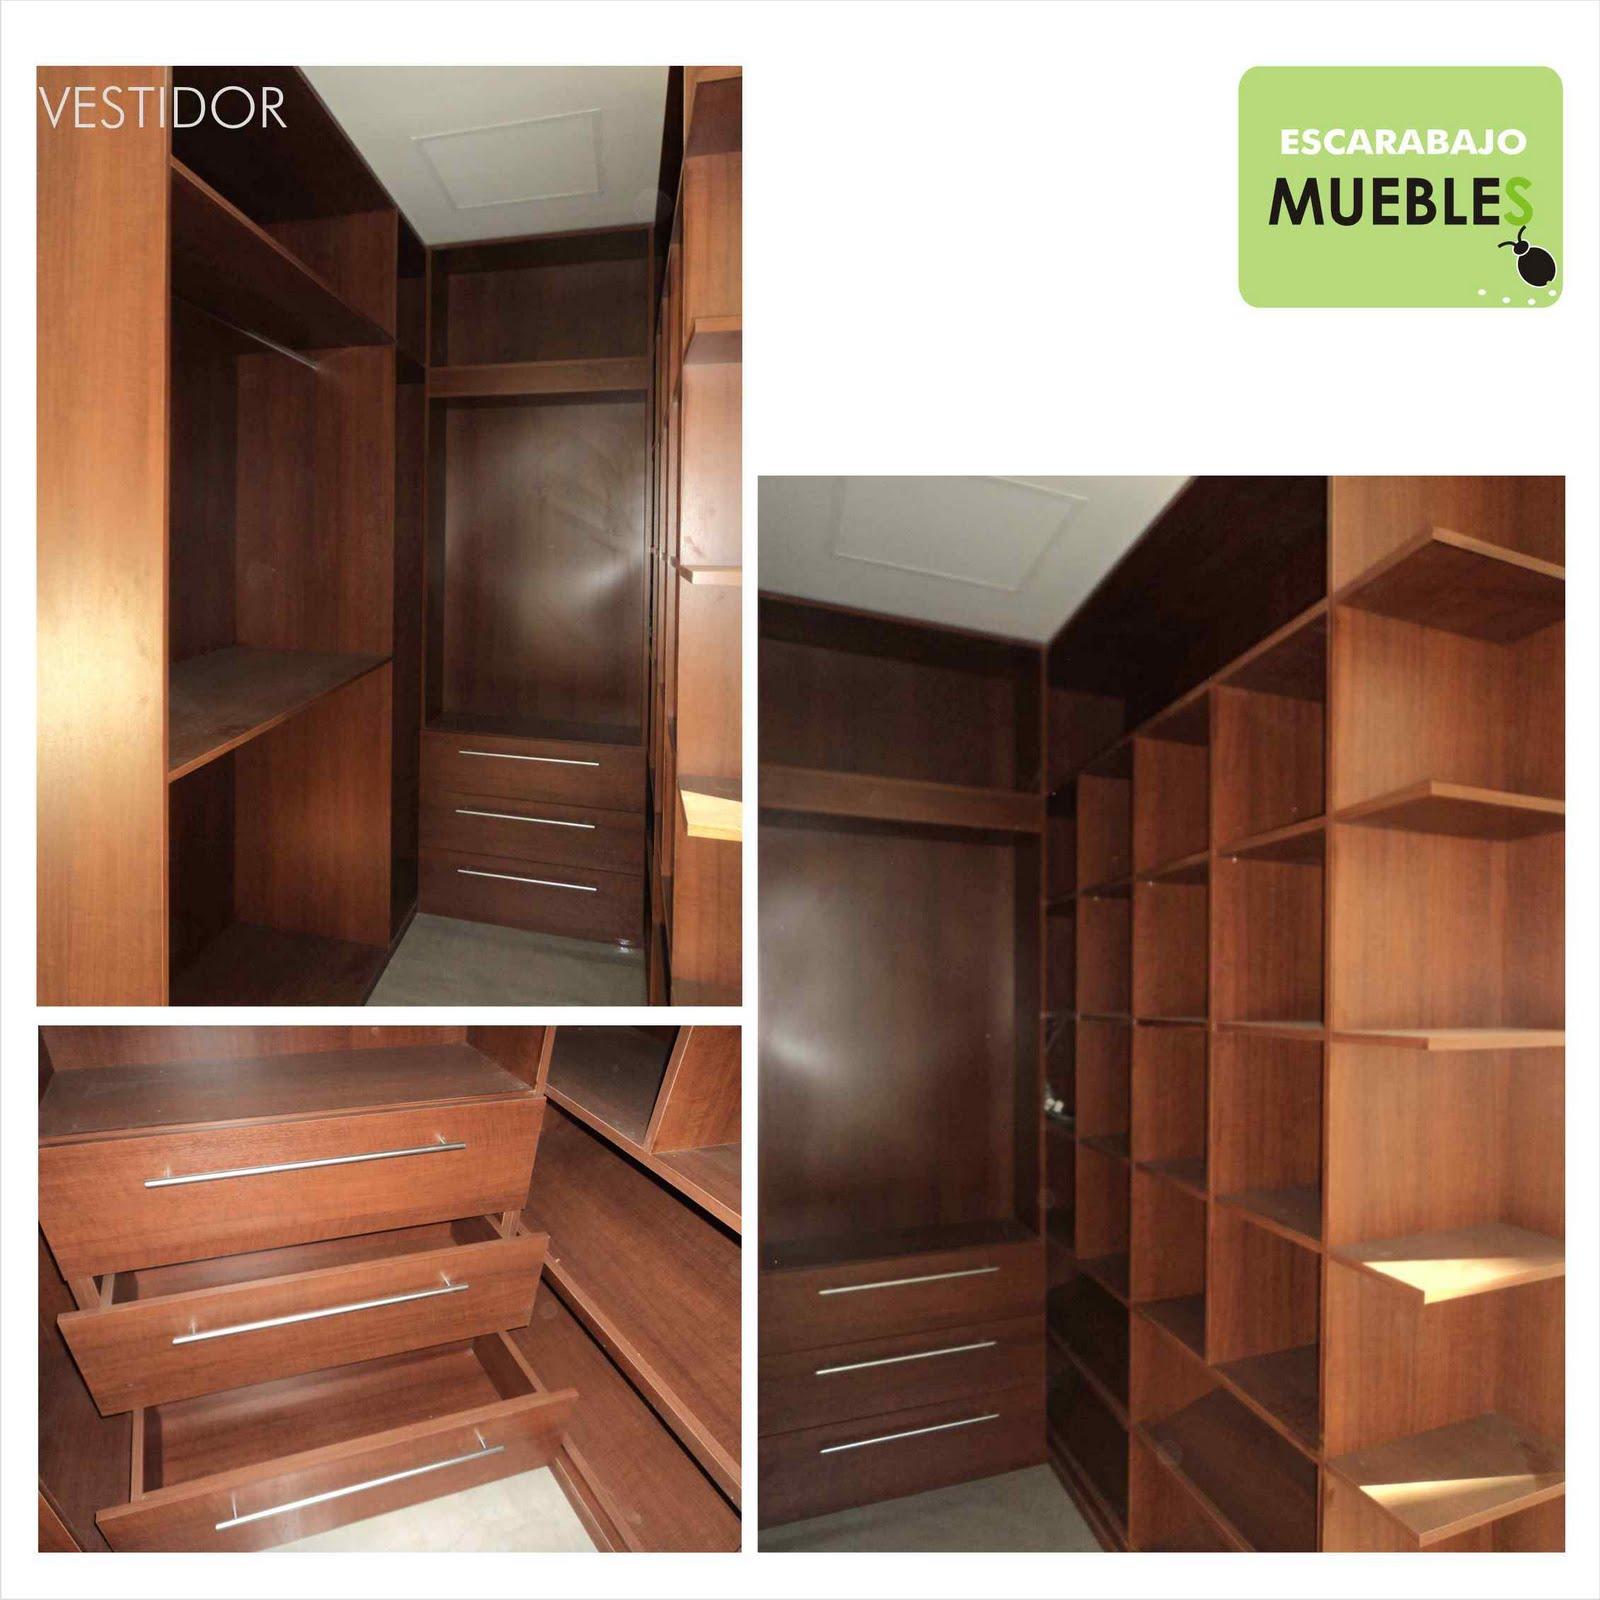 Muebles casa villa gral belgrano cordoba escarabajo muebles for Casa mendoza muebles villa martelli